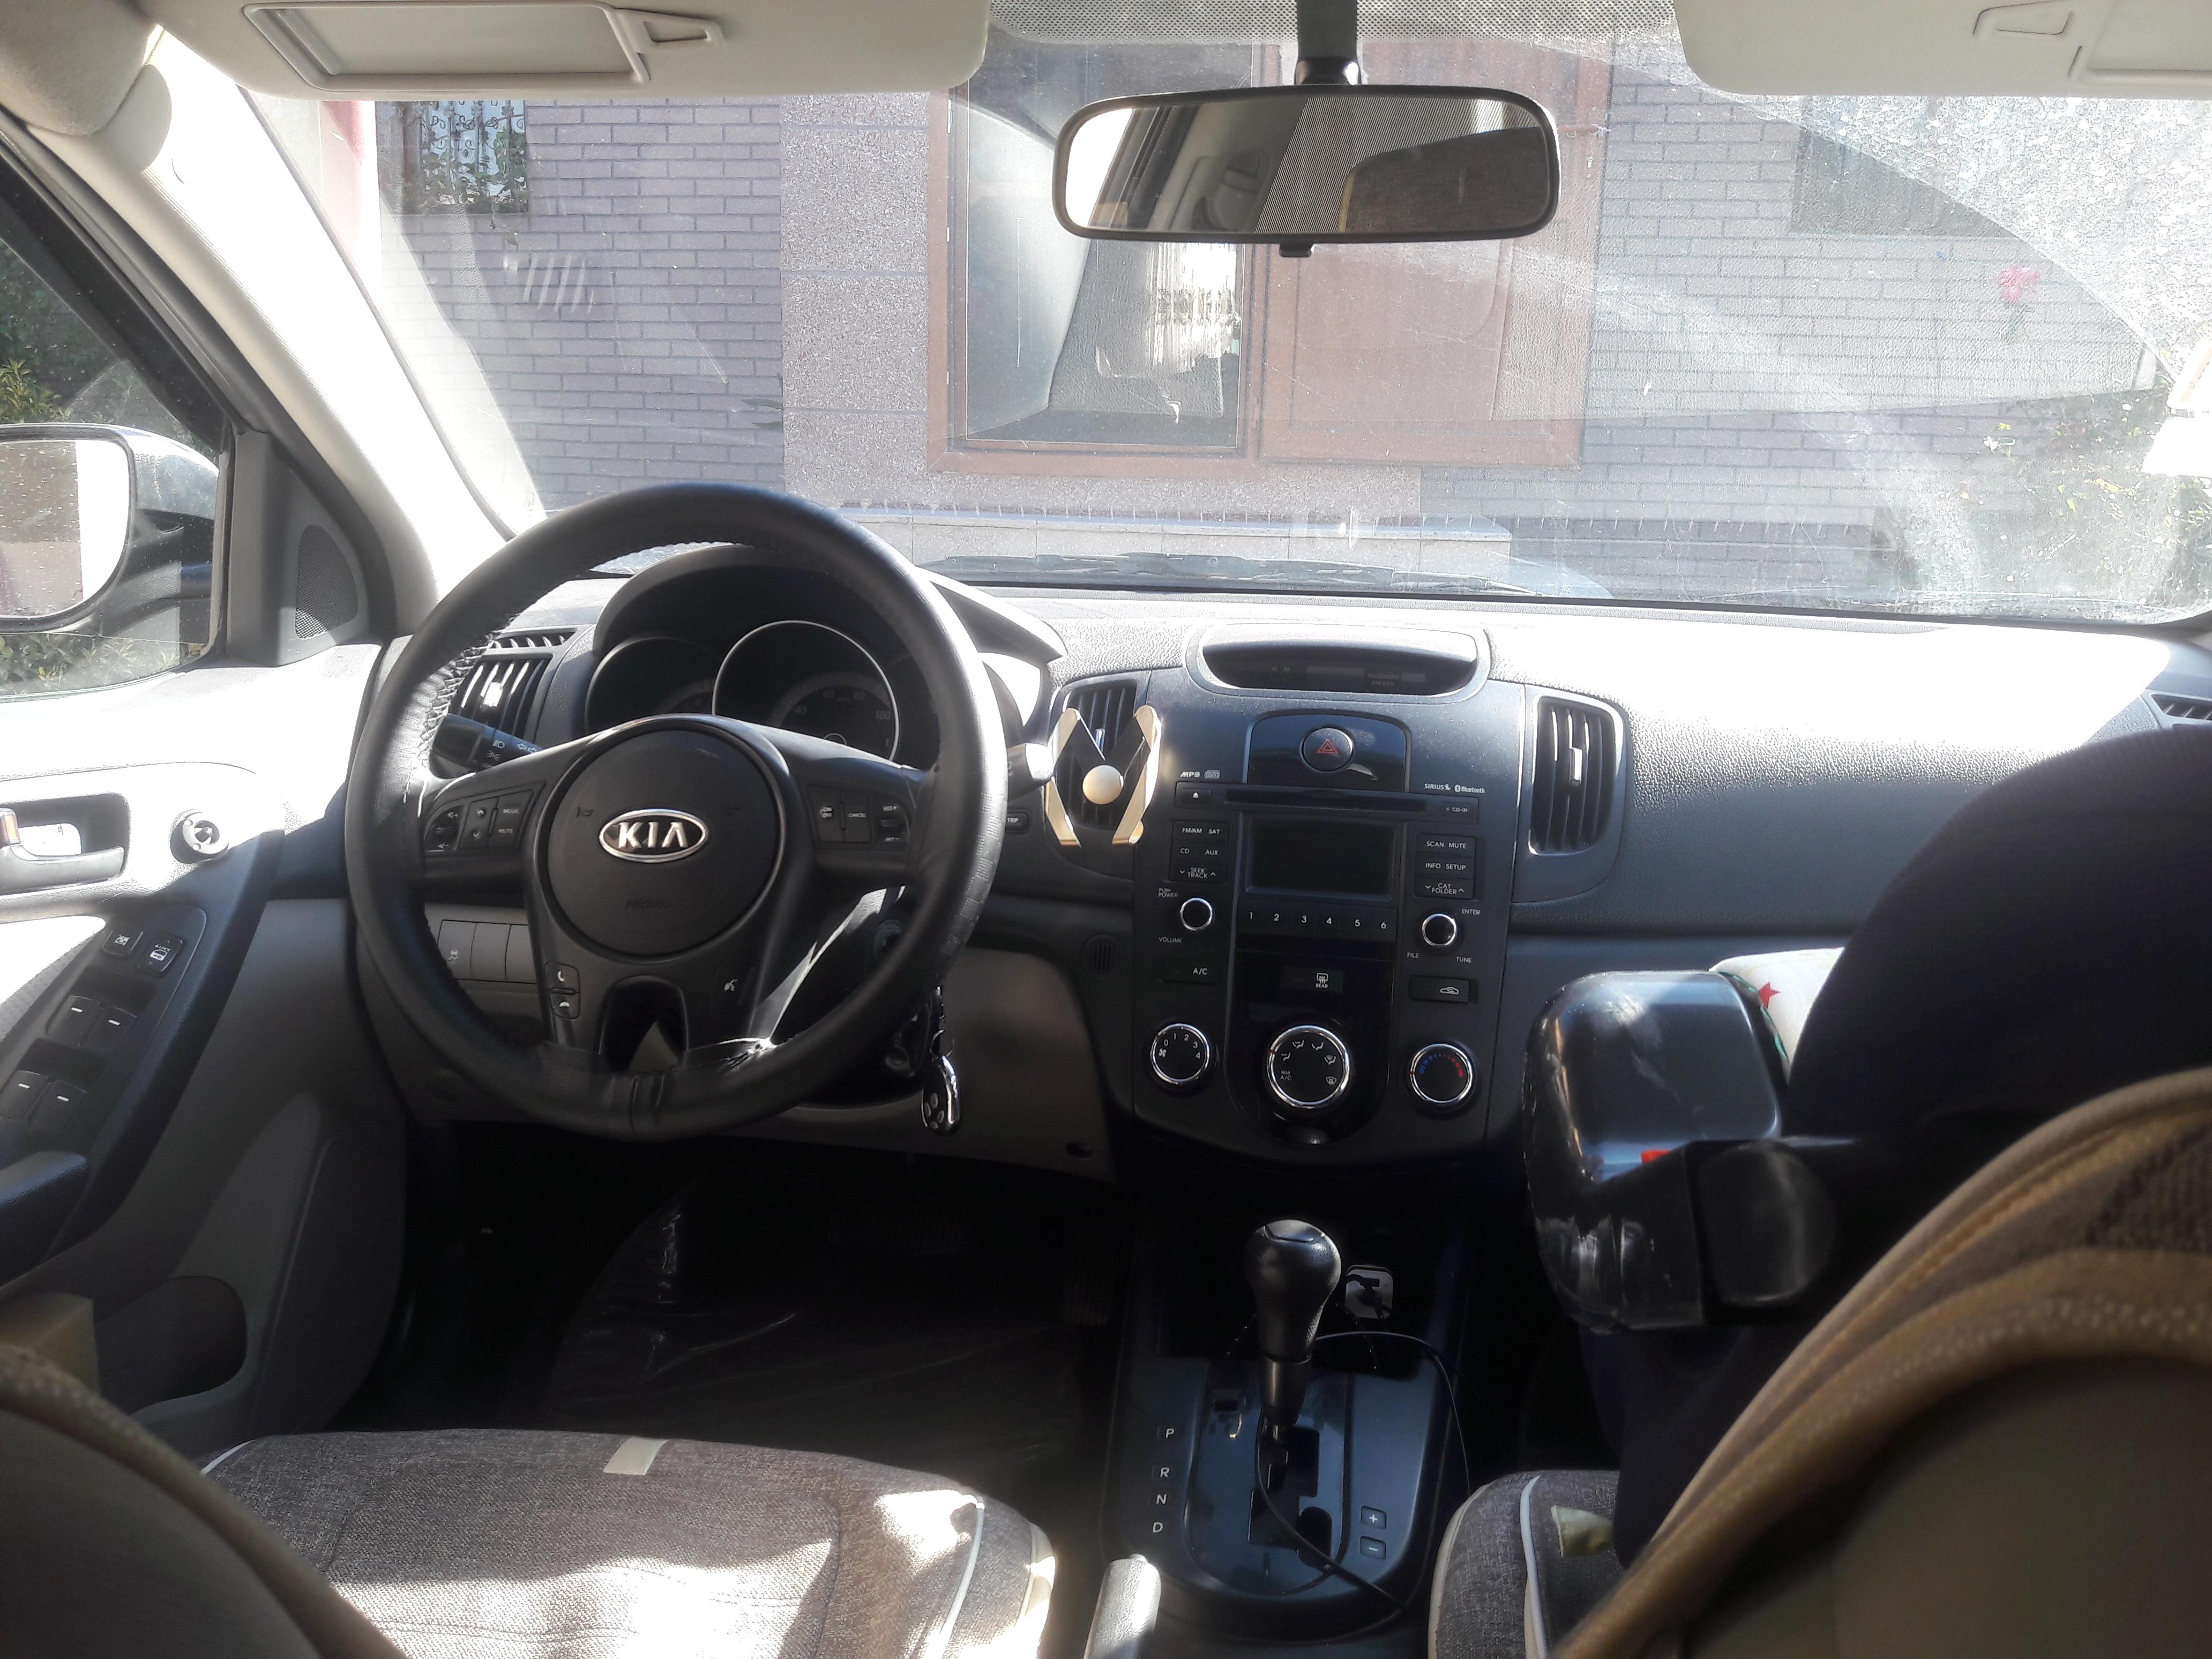 Kia Cerato 2.0(lt) 2009 Подержанный  $15500